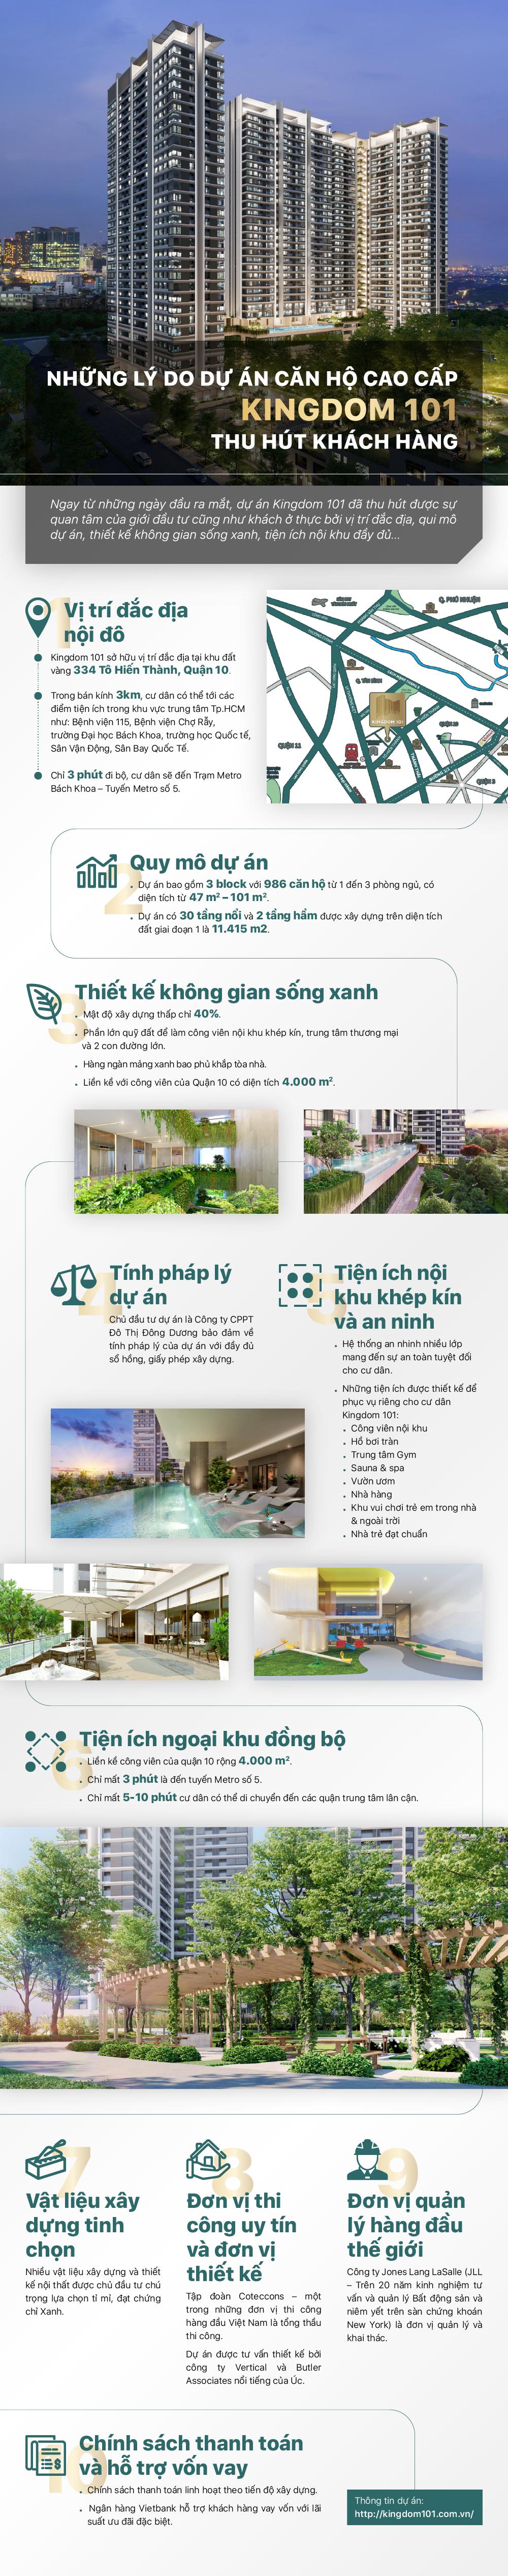 Những lý do dự án căn hộ cao cấp Kingdom 101 thu hút khách hàng